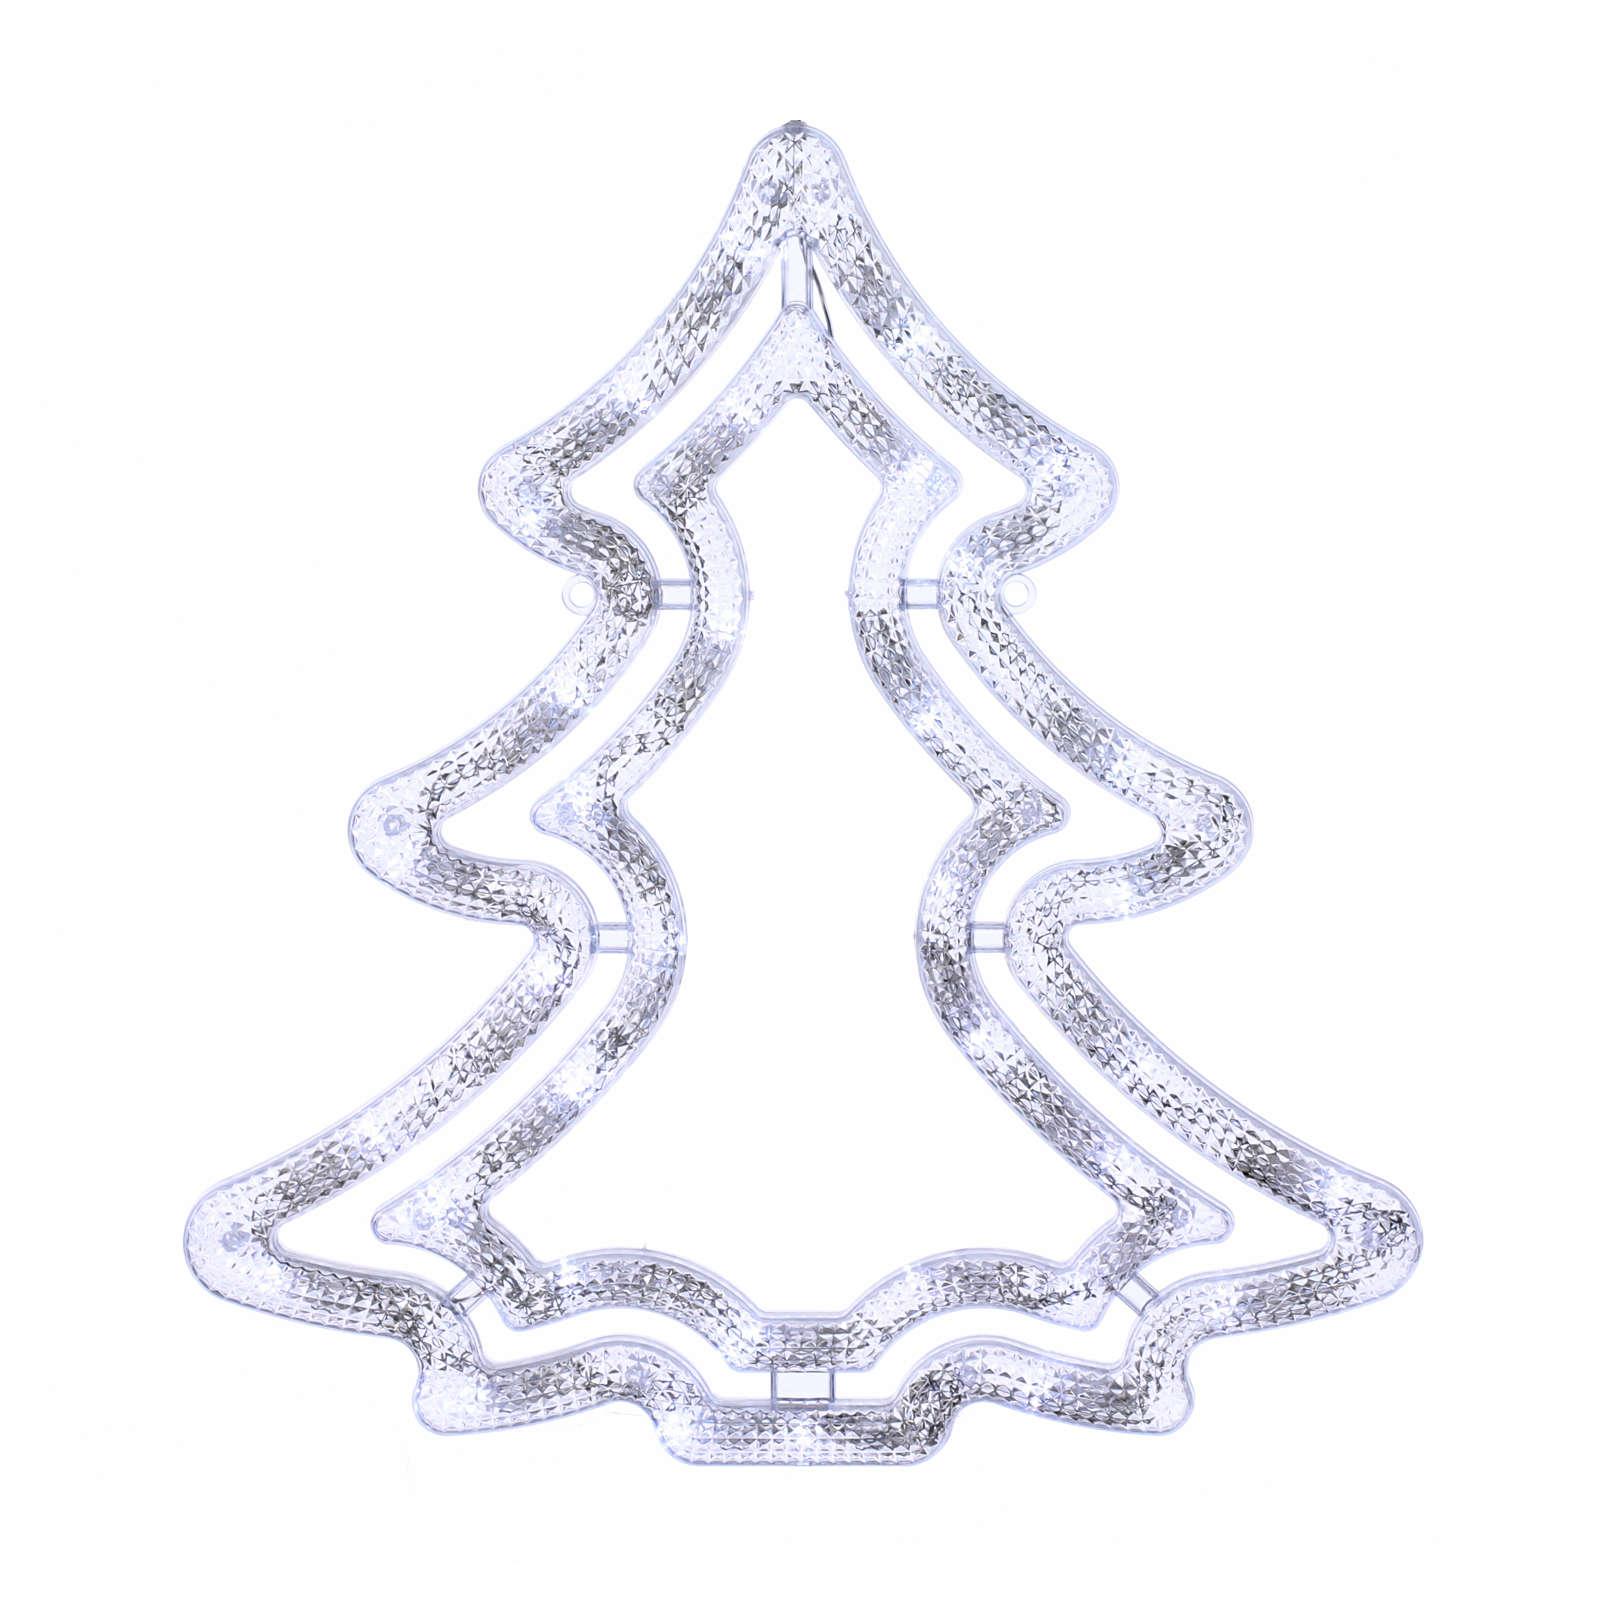 Albero luminoso 35 led bianco ghiaccio interno esterno 3